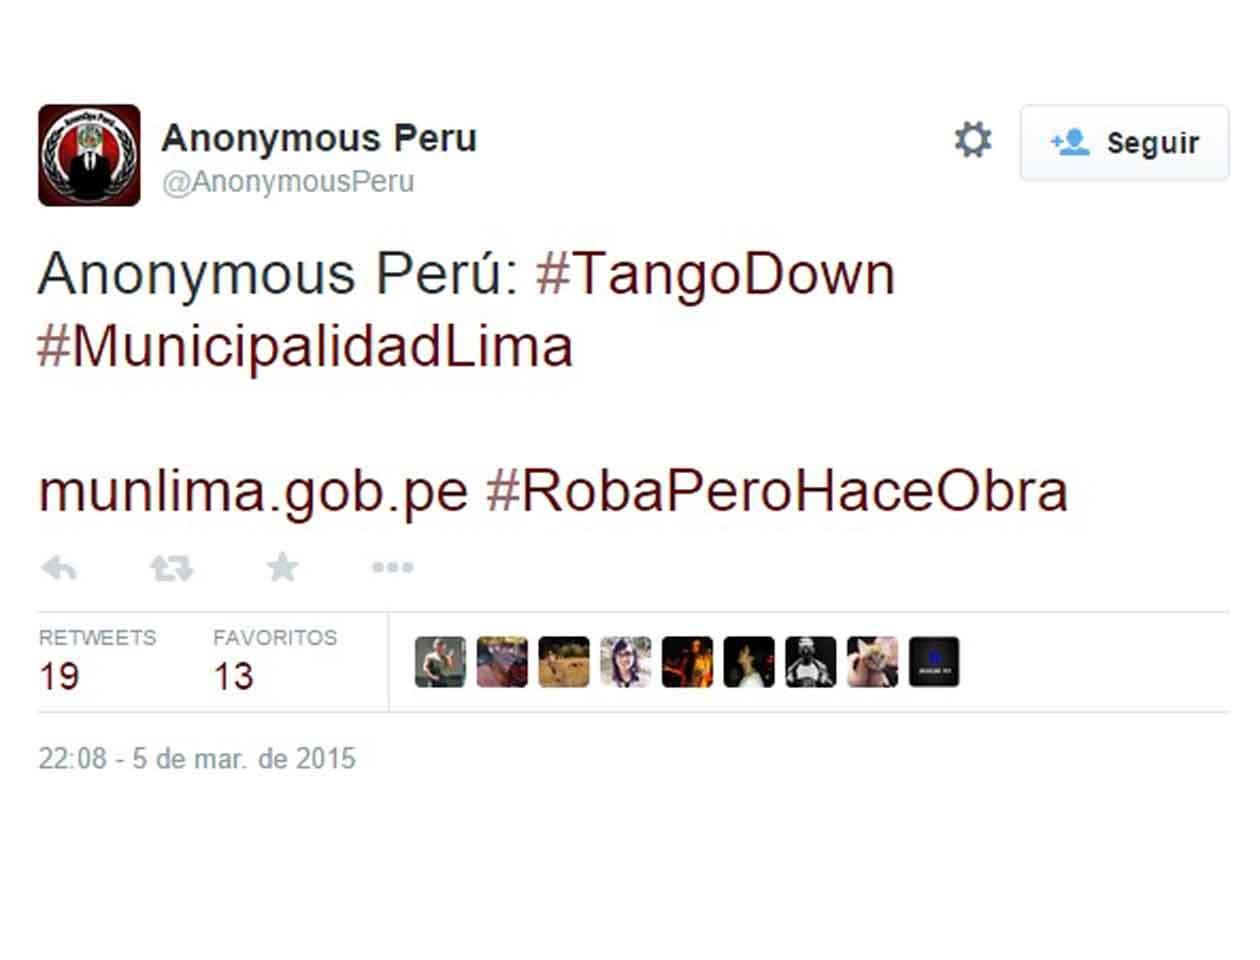 """En su mensaje de Twiiter, Anonymous Perú escribió """"Tango Down"""", frase militar que significa que un contendiente ha sido vencido. Foto: Twitter/Especial"""